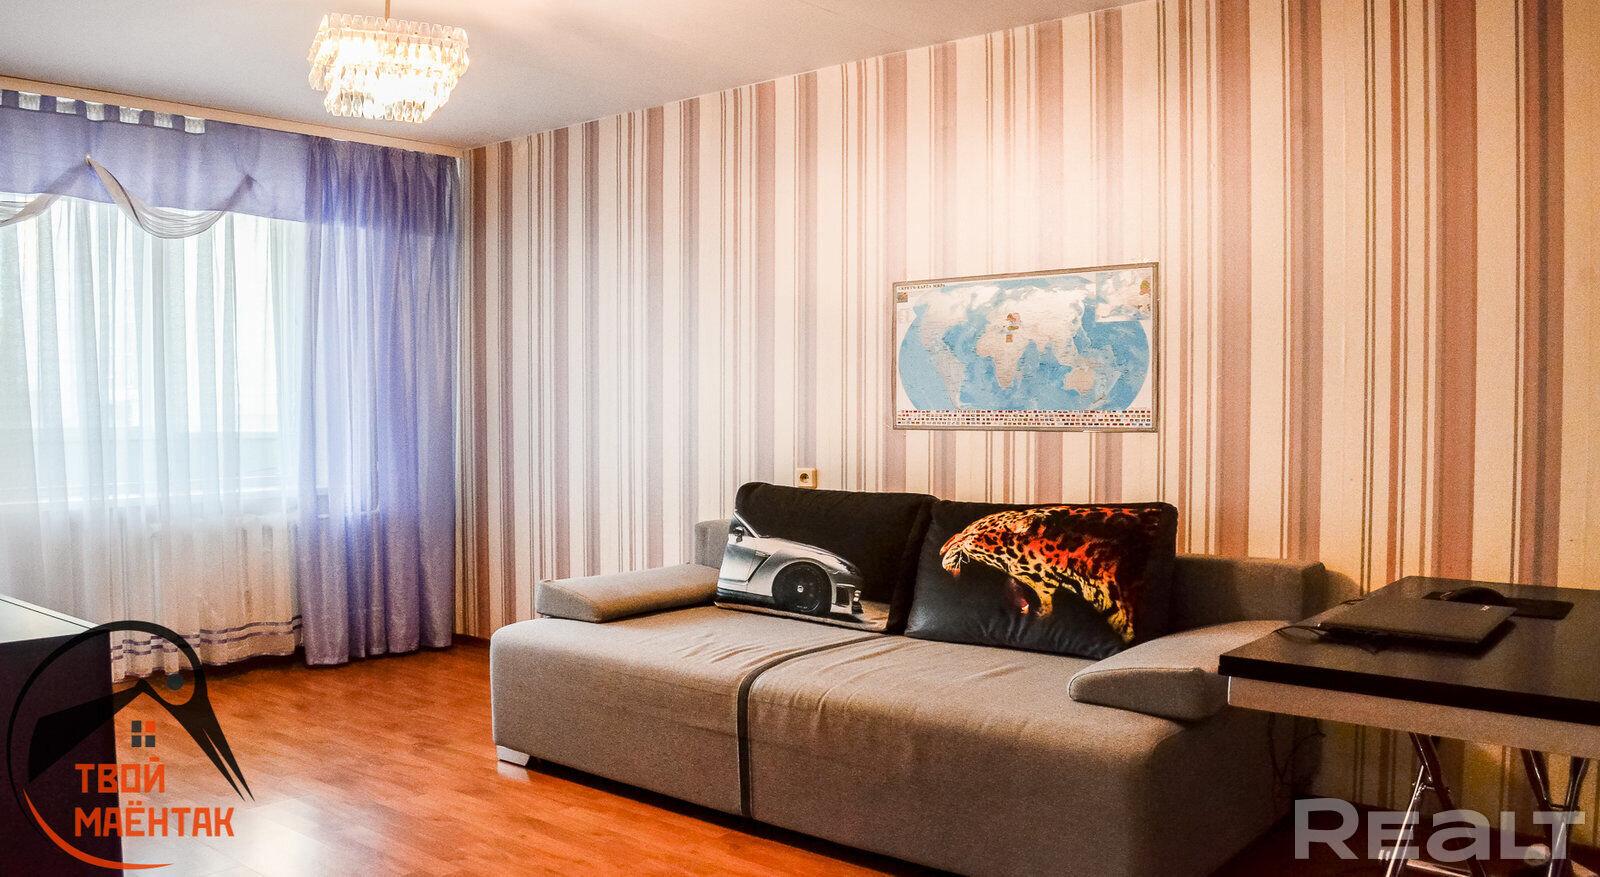 Продается 1 комнатная квартира, ул. Лучины д.46 - фото №4